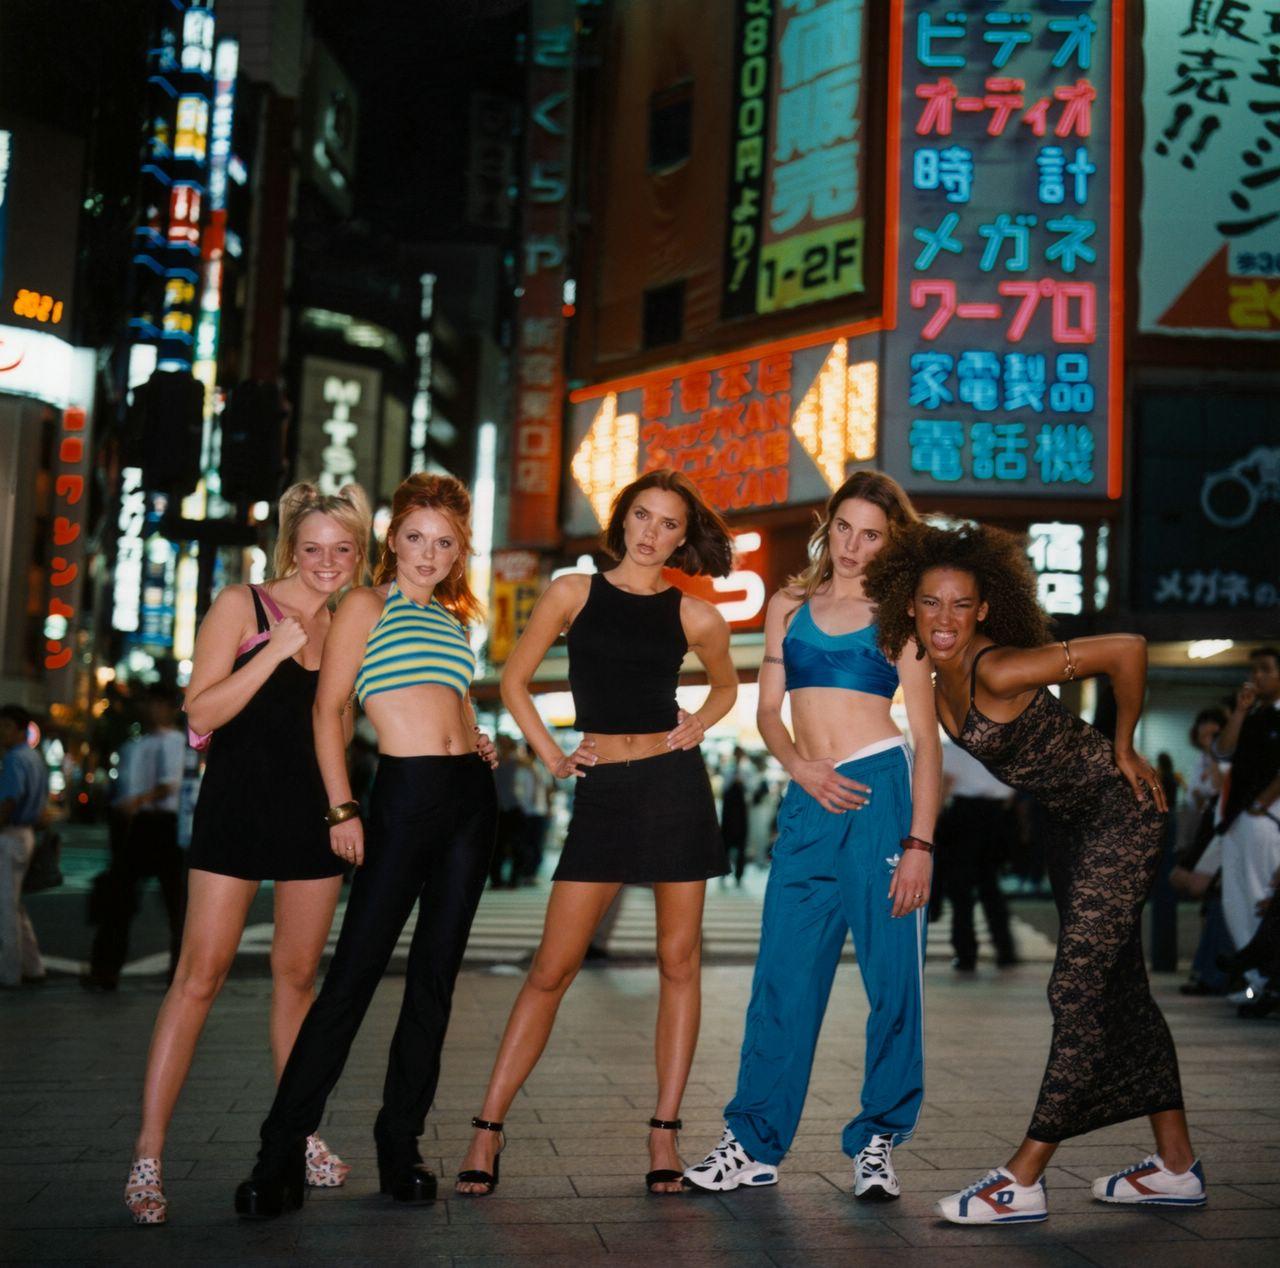 http://4.bp.blogspot.com/_FEkxtl1-FKs/THKIh9gYXZI/AAAAAAAAACg/XaX6Ipsle8Y/s1600/Spice+Girls+in+Toyko,+1996.jpg